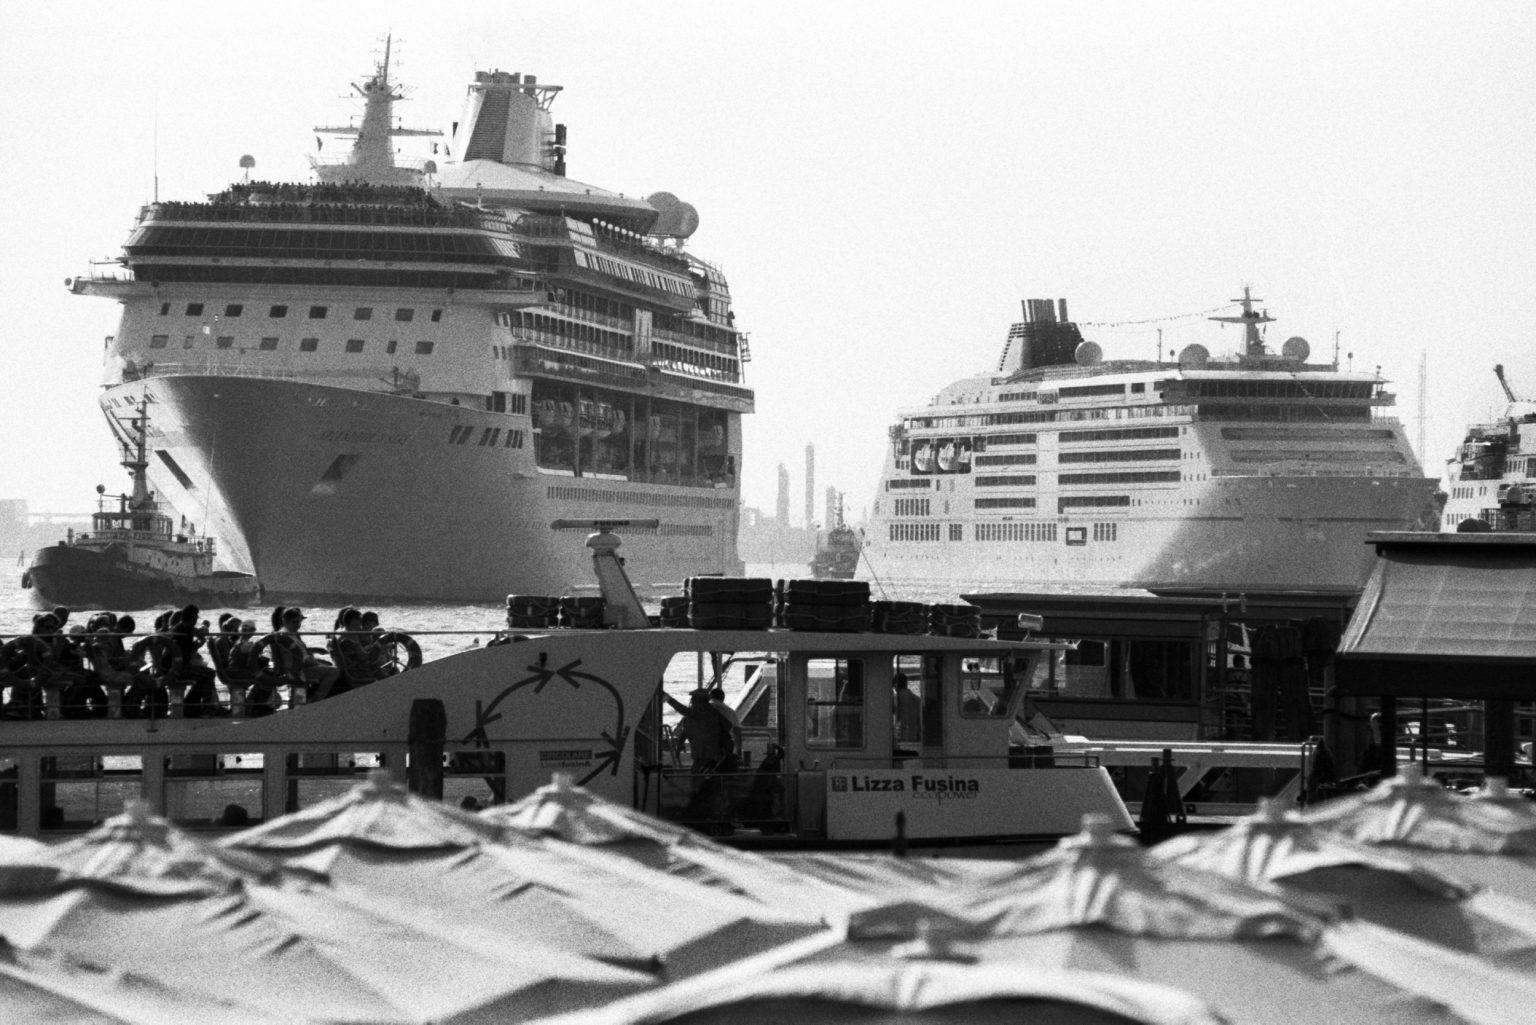 """Venice, August 2013 - Big cruise liners invade the city - Cruise ships passing by the old town ><  Venezia, agosto 2013 - Le grandi navi da crociera invadono la città - Transatlantici passano davanti al centro storico<p><span style=""""color: #ff0000""""><strong>*** SPECIAL   FEE   APPLIES ***</strong></span></p>*** SPECIAL   FEE   APPLIES *** *** Local Caption *** 00483763"""